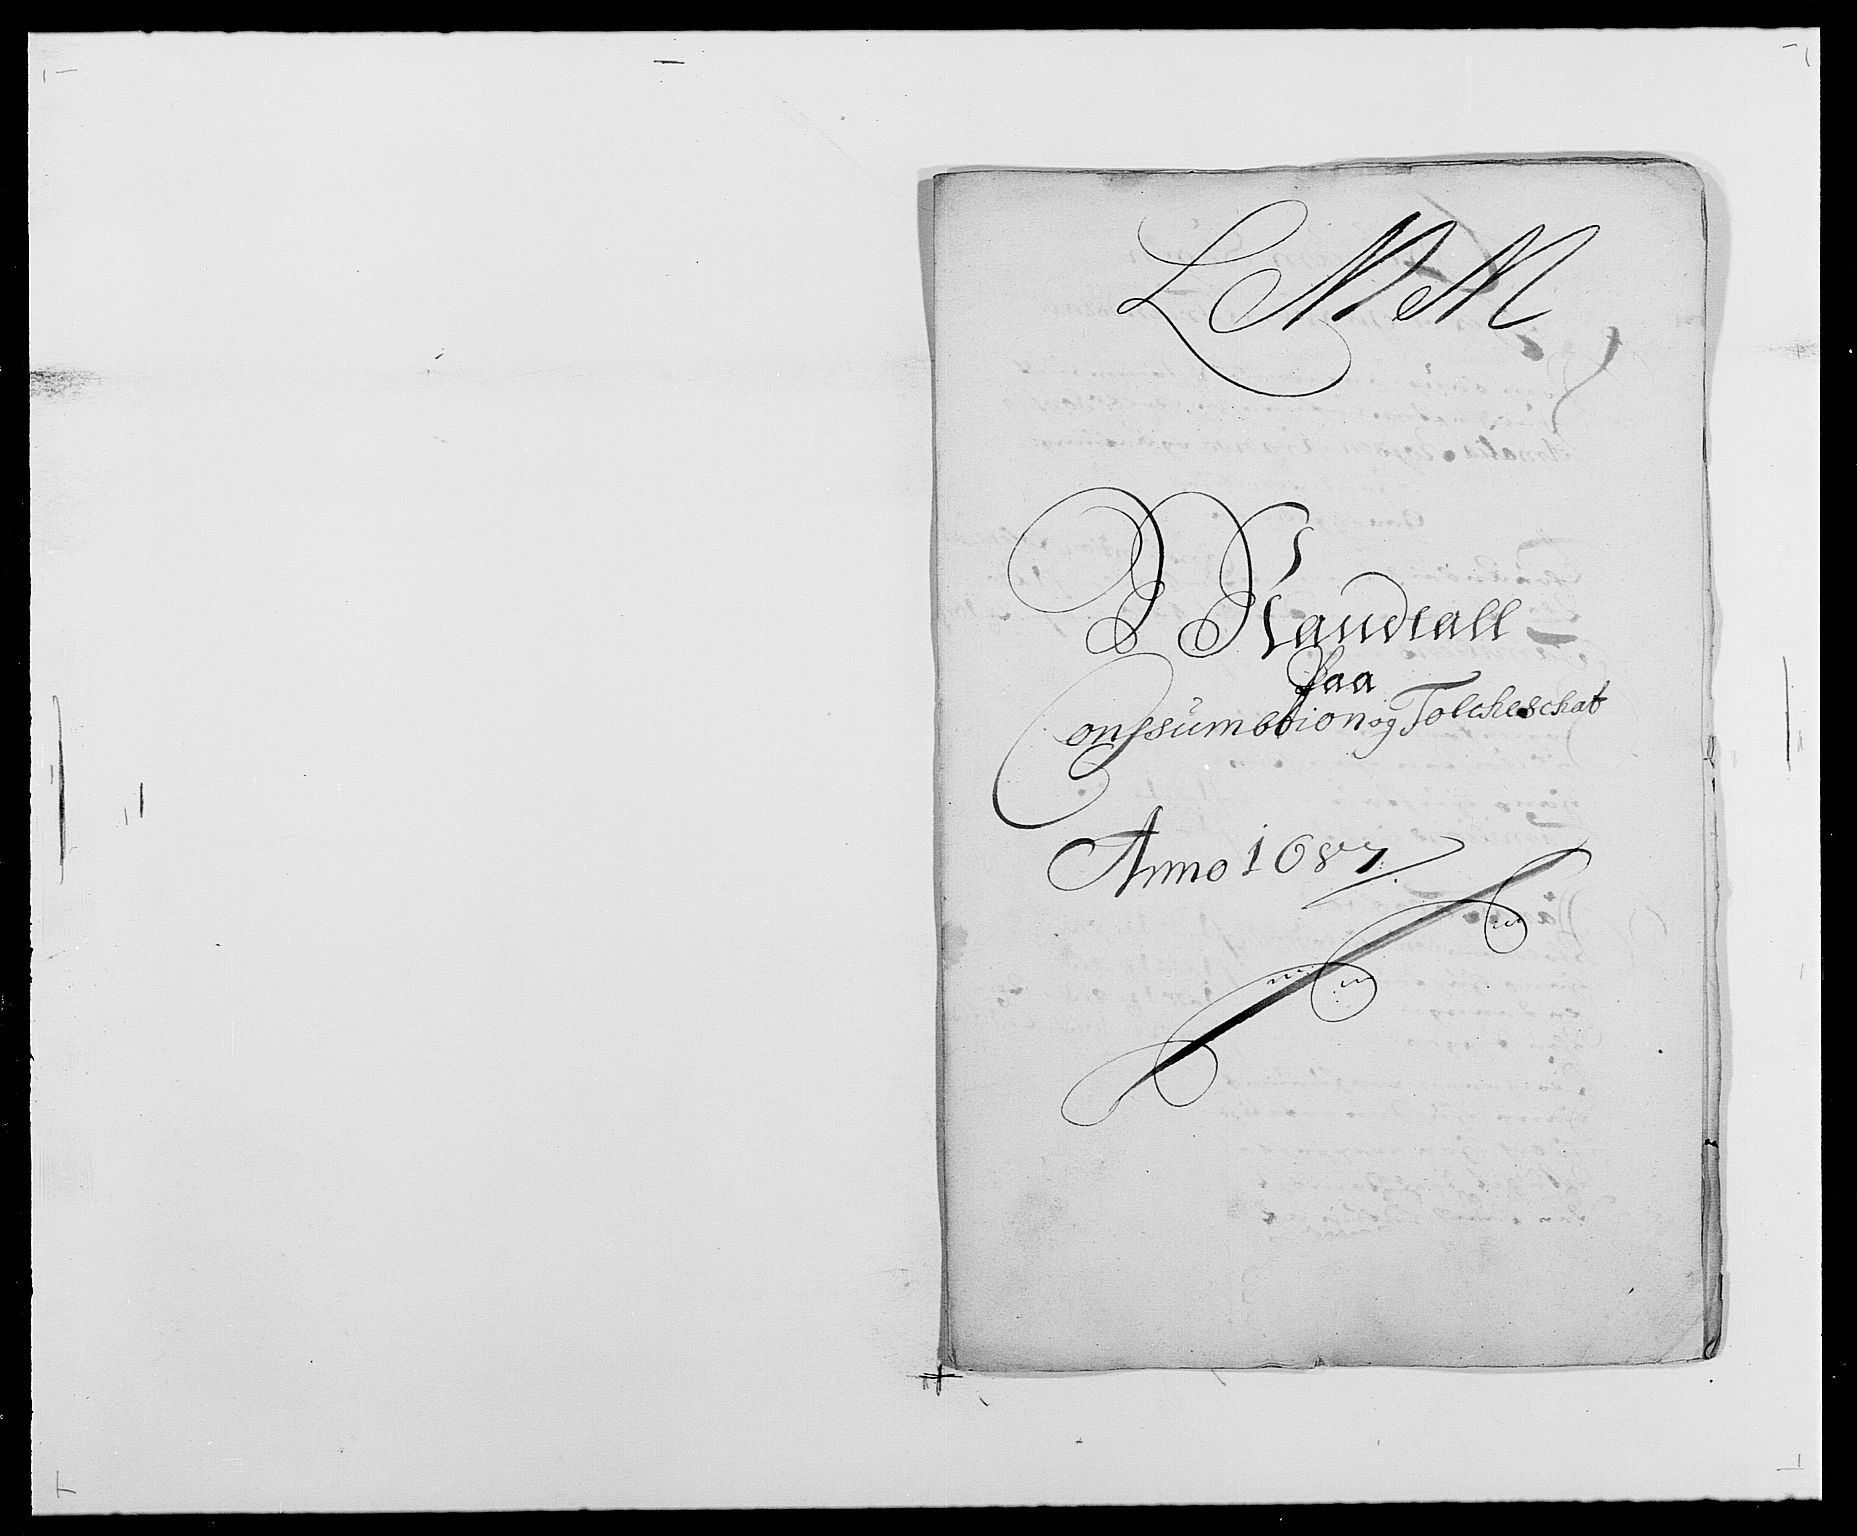 RA, Rentekammeret inntil 1814, Reviderte regnskaper, Fogderegnskap, R29/L1692: Fogderegnskap Hurum og Røyken, 1682-1687, s. 330